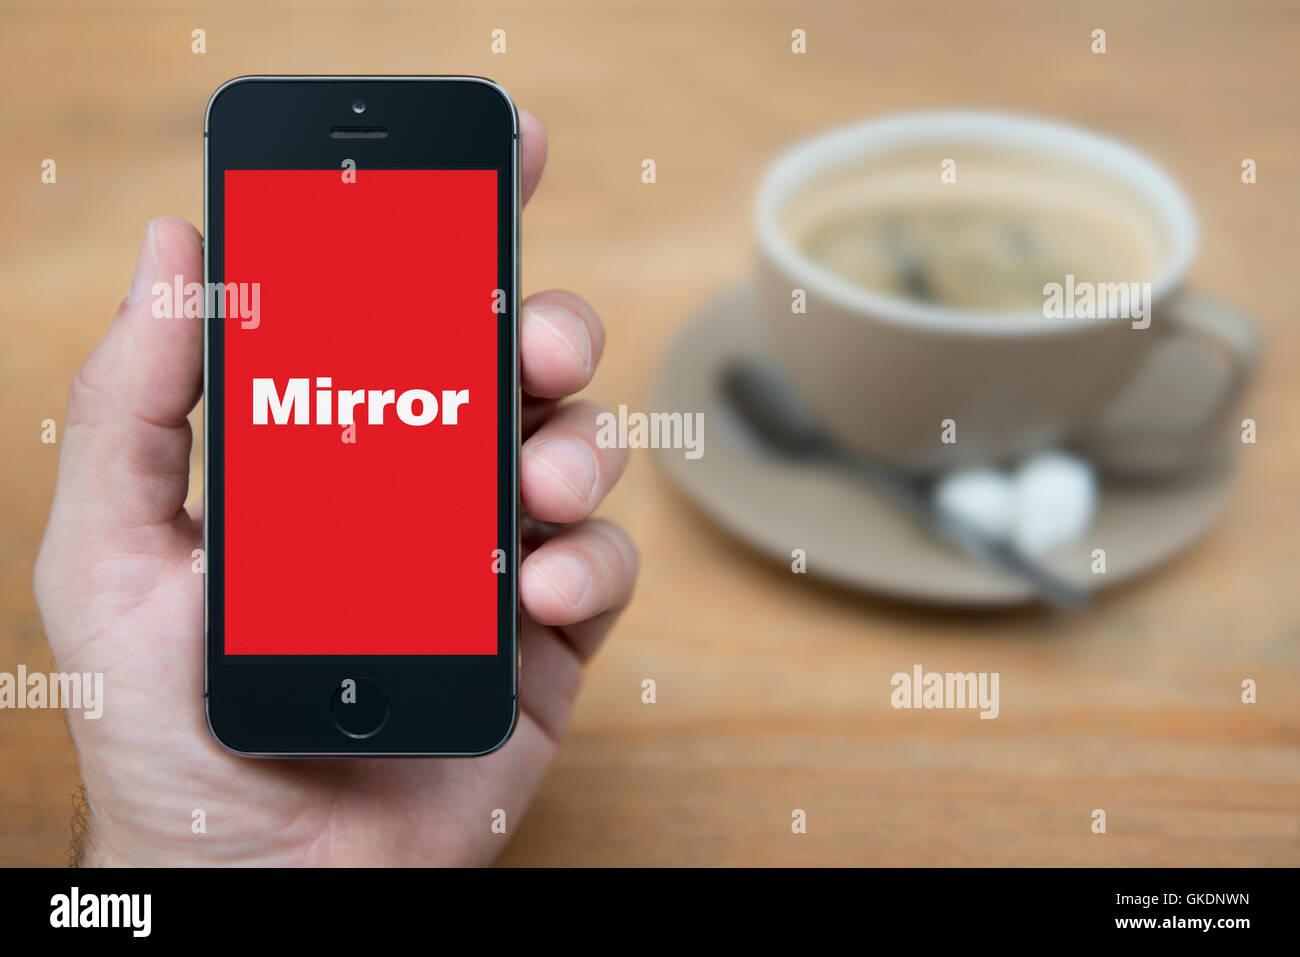 Un uomo guarda al suo iPhone che visualizza il logo a specchio, mentre sat con una tazza di caffè (solo uso Immagini Stock